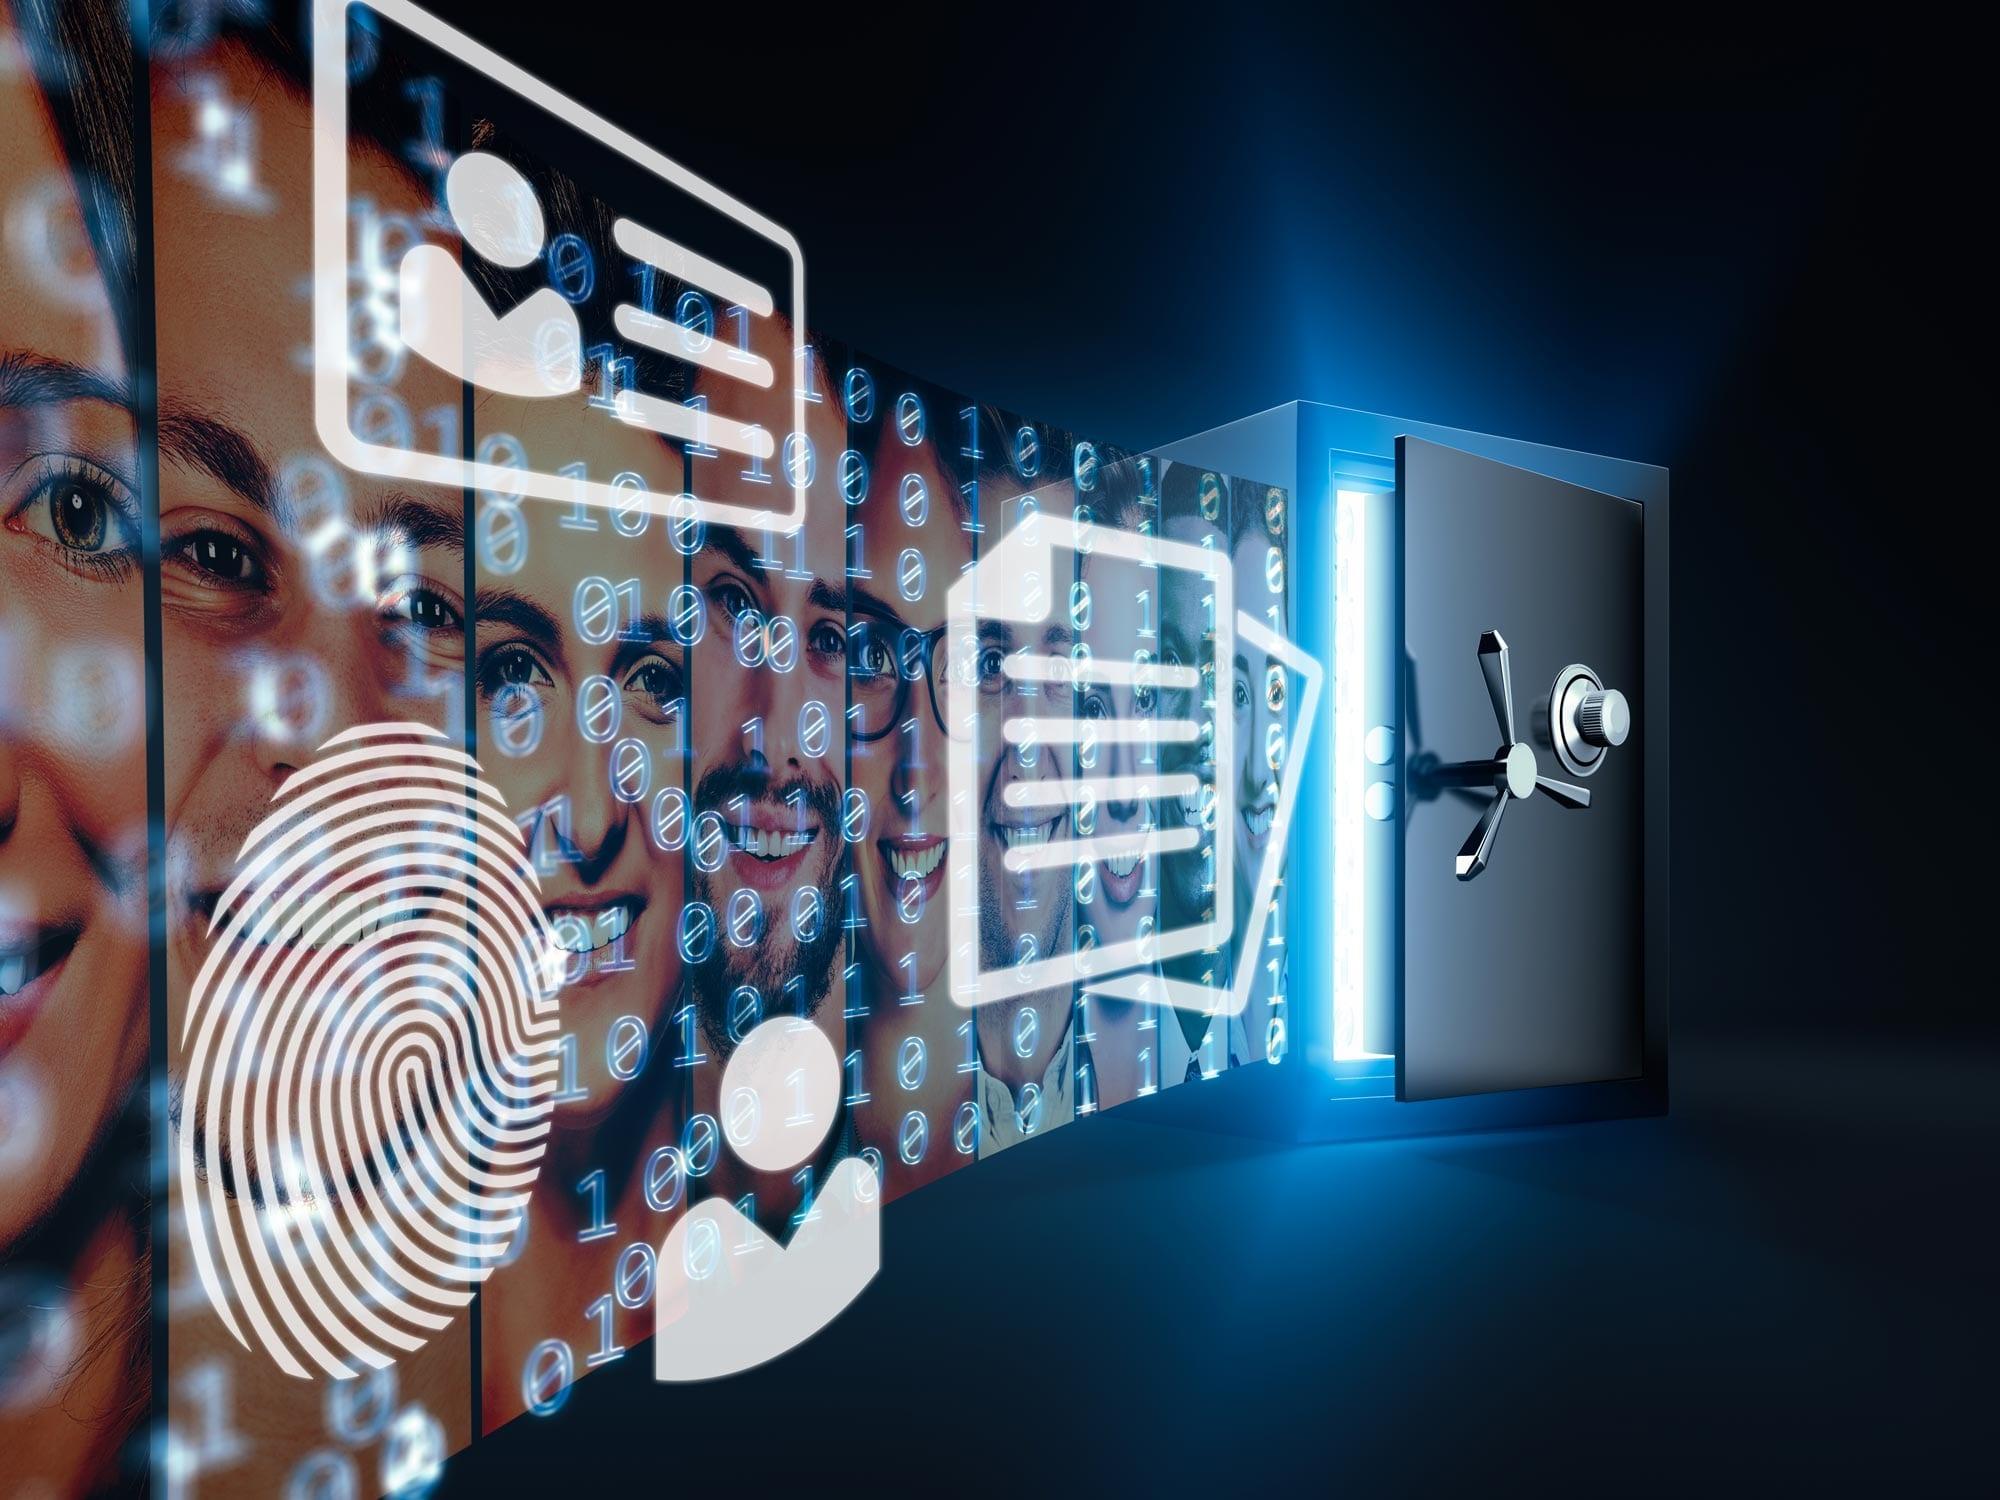 Vorsicht Verwechslungsgefahr: Warum die DSGVO kein IT-Security-Thema ist